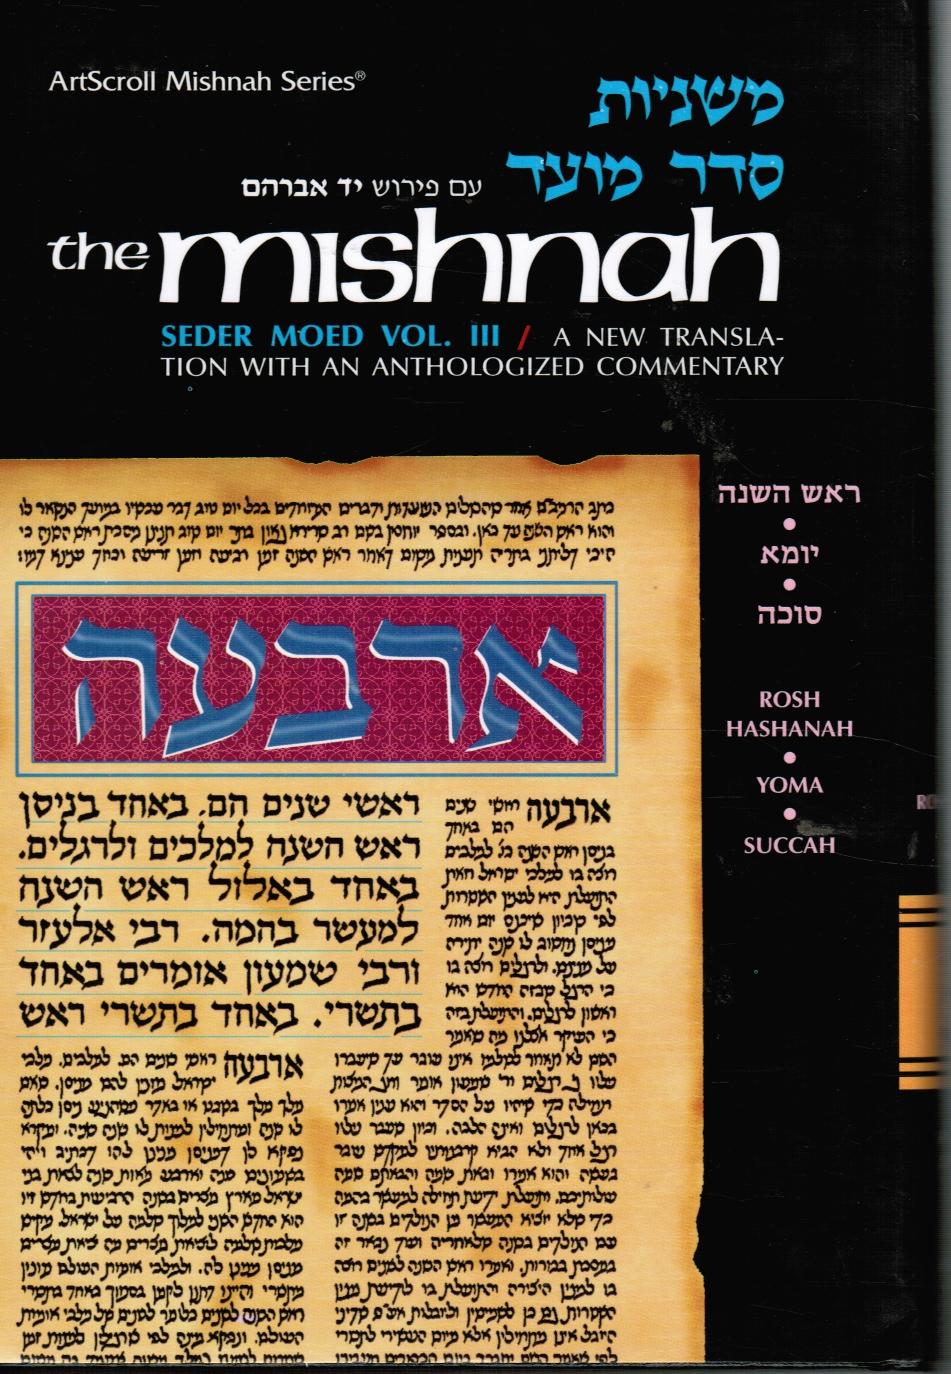 Image for Seder Moed Vol III: Rosh Hashana/yoma/succah